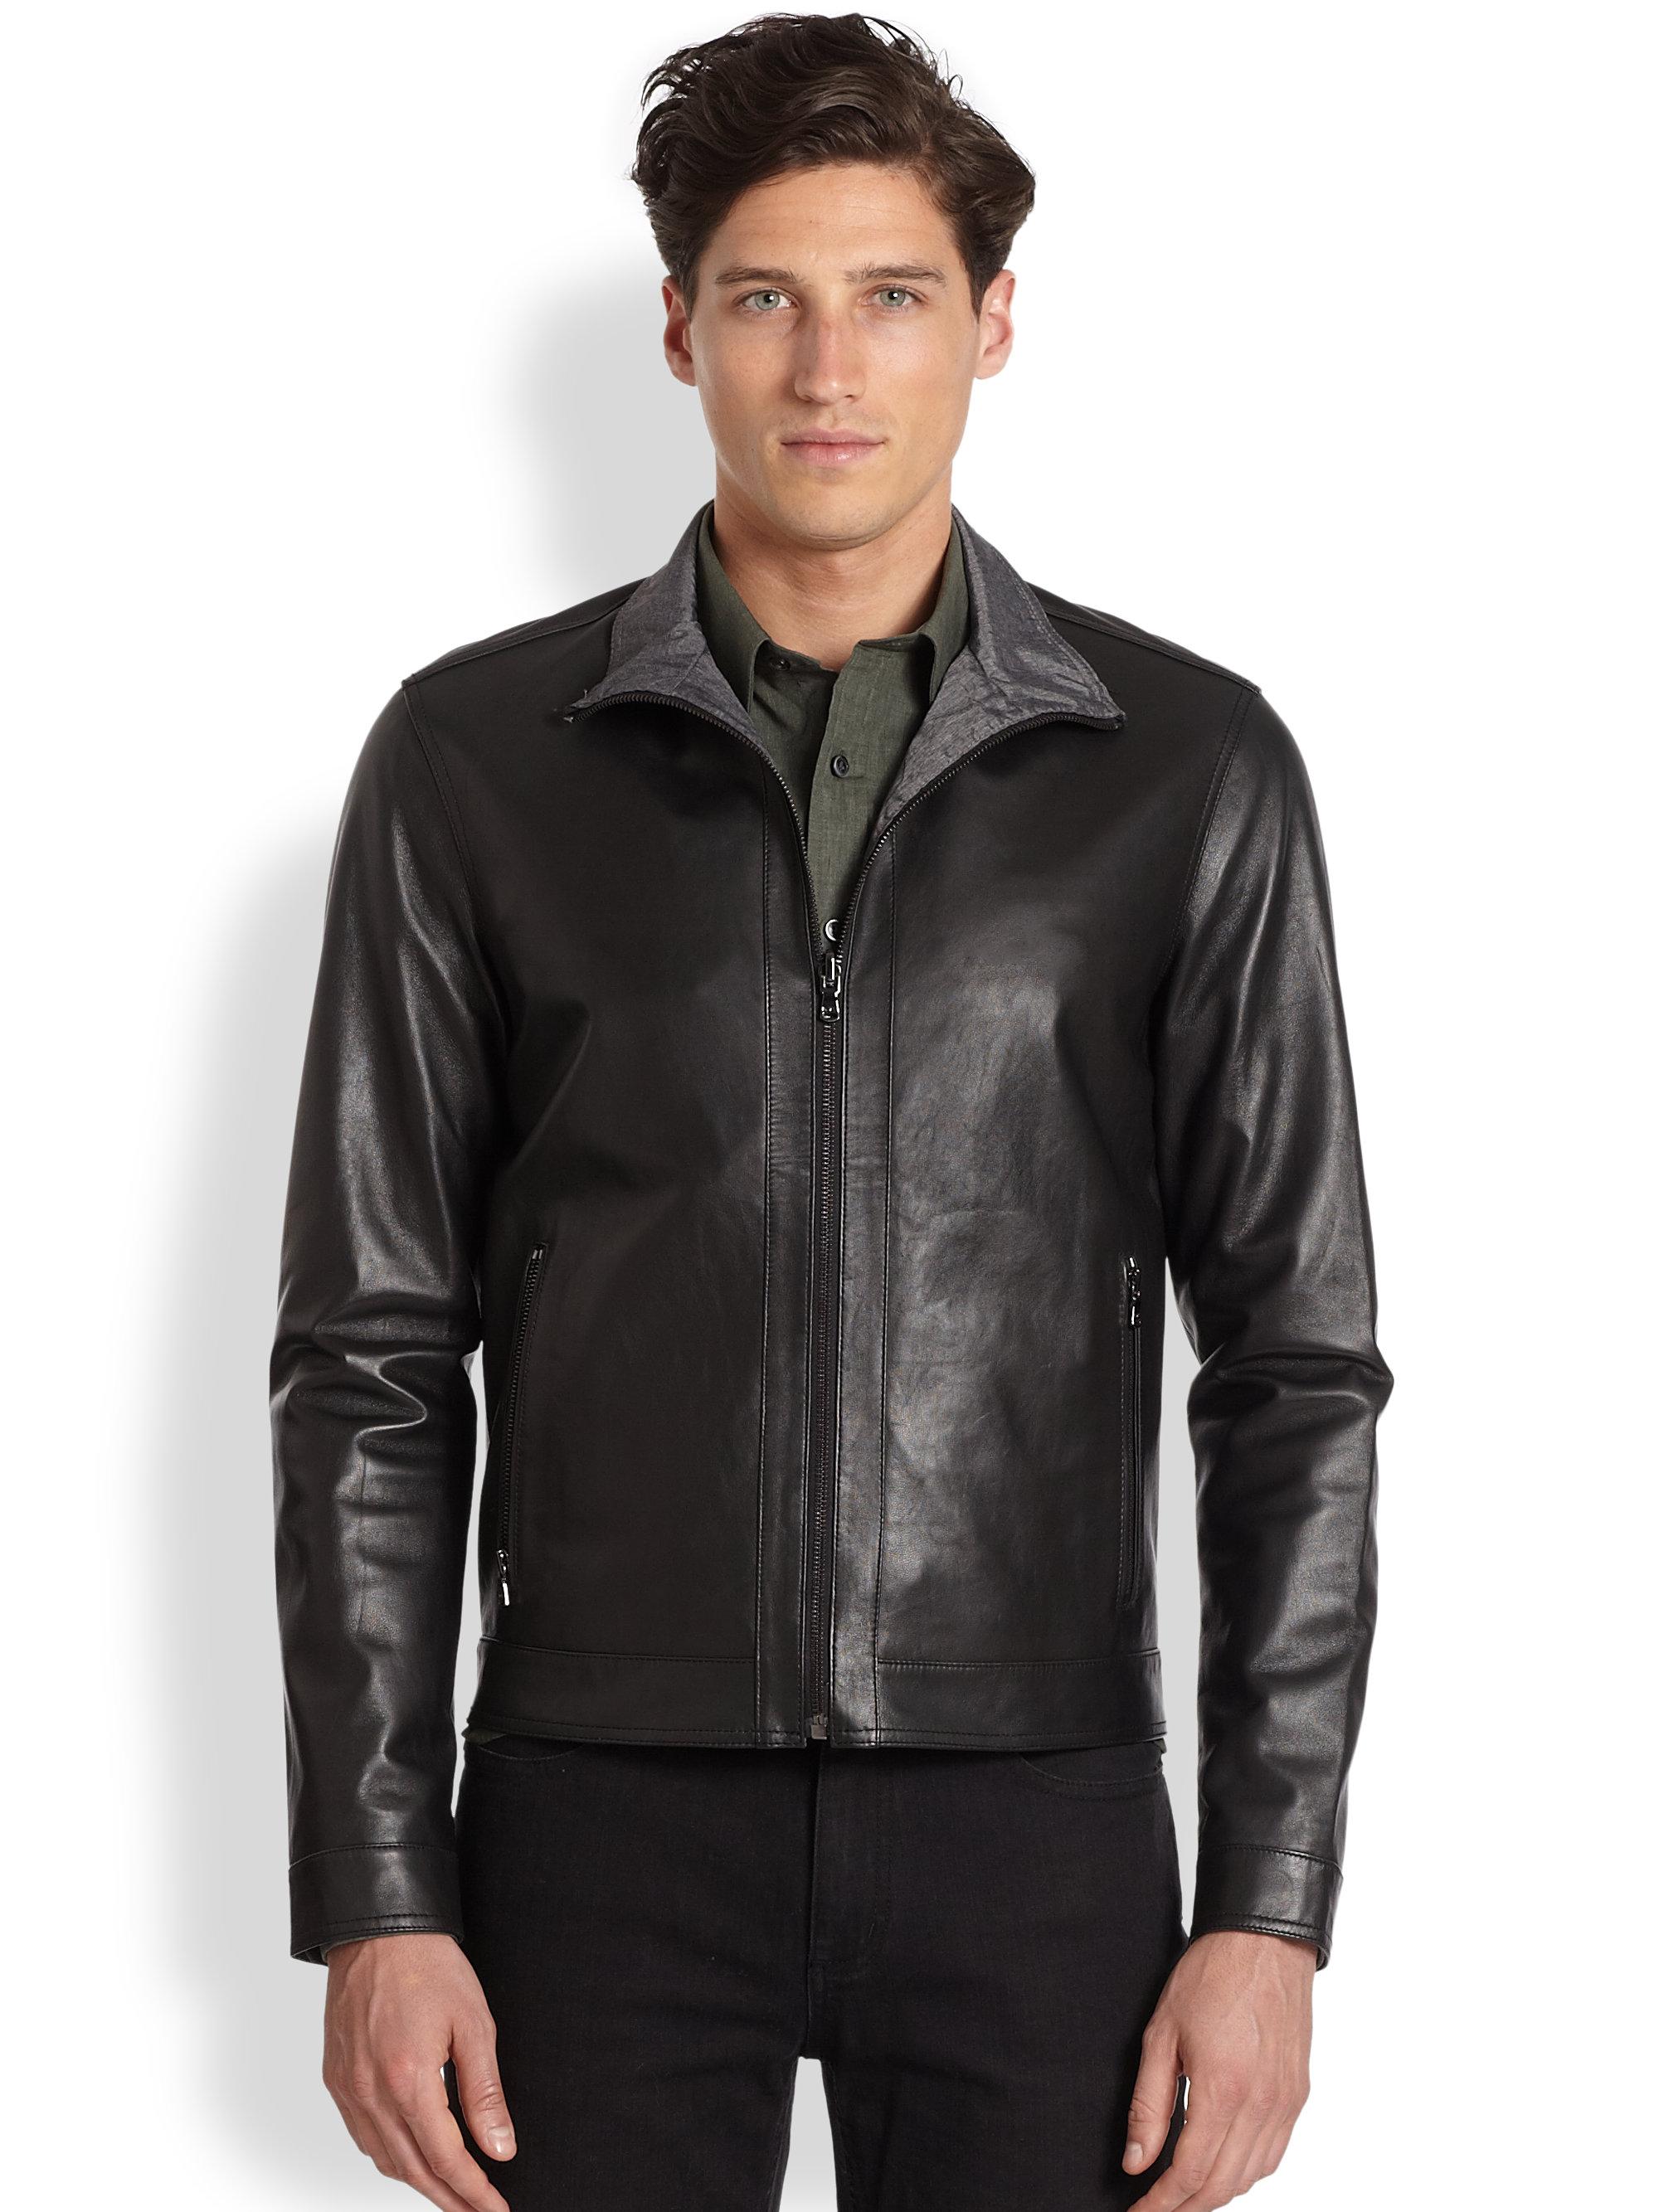 michael kors reversible leather jacket in black for men lyst. Black Bedroom Furniture Sets. Home Design Ideas